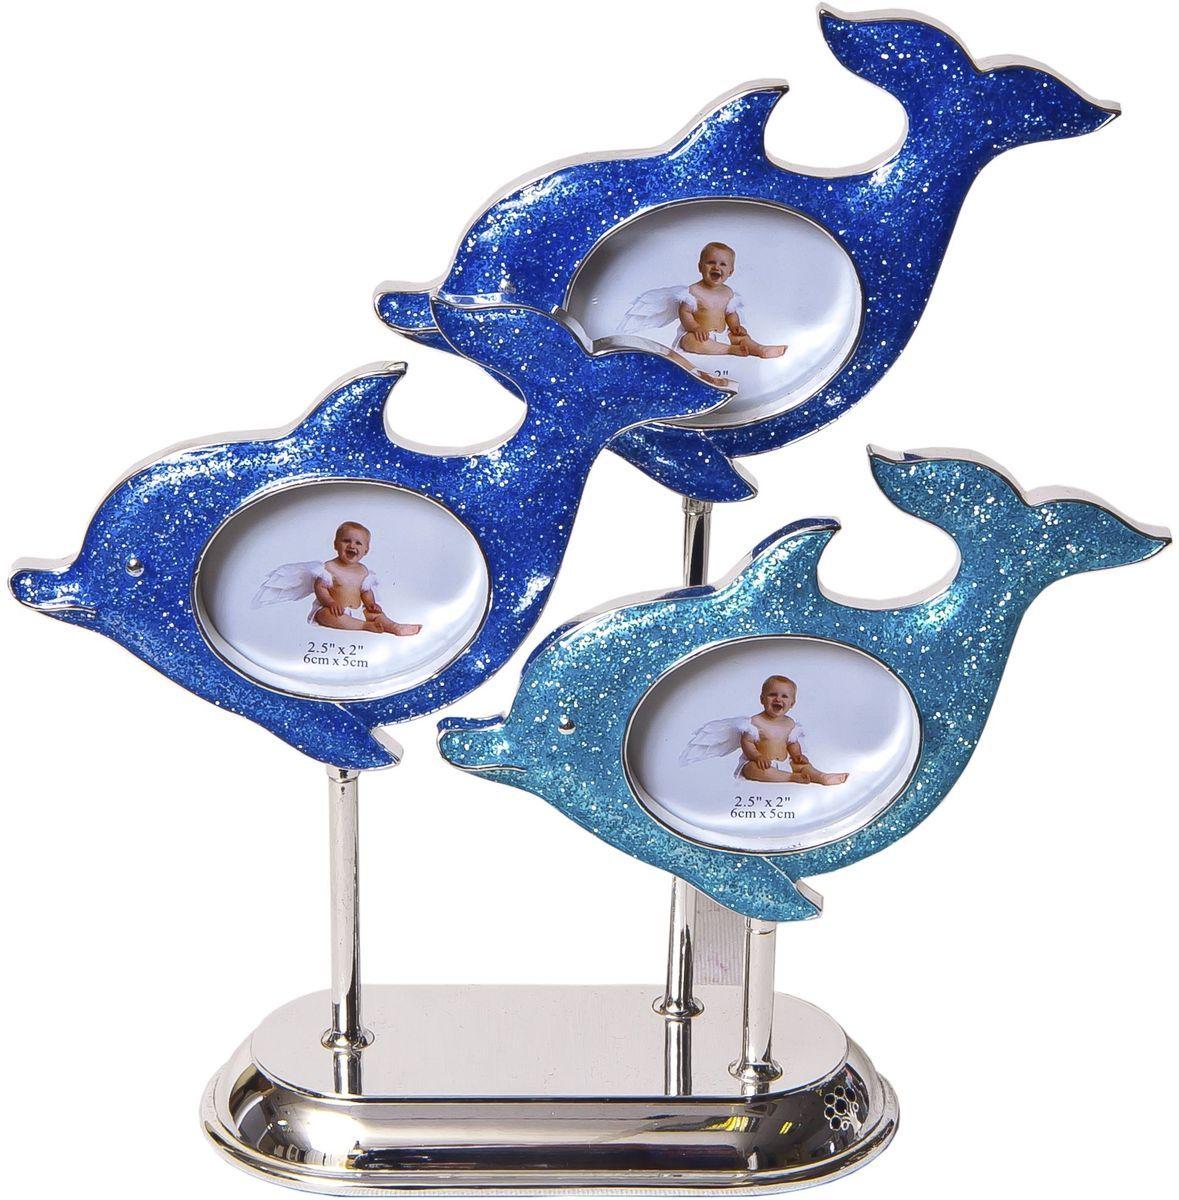 Фоторамка Platinum Дельфины, 3 фото, 6 х 5 см. PF103172 фоторамки на дереве PF10019AДекоративная фоторамка Platinum Дельфины выполнена из металла. На подставке располагаются три фоторамки в виде дельфинов. Изысканная и эффектная, эта потрясающая рамочка покорит своей красотой и изумительным качеством исполнения. Такая фоторамка позволит хранить на видном месте фотографии любимых вами людей и памятных моментов жизни, а также красиво дополнит интерьер помещения. Фоторамка подходит для фотографий 6 x 5 см.Общий размер фоторамки: 20 х 6 х 20 см.